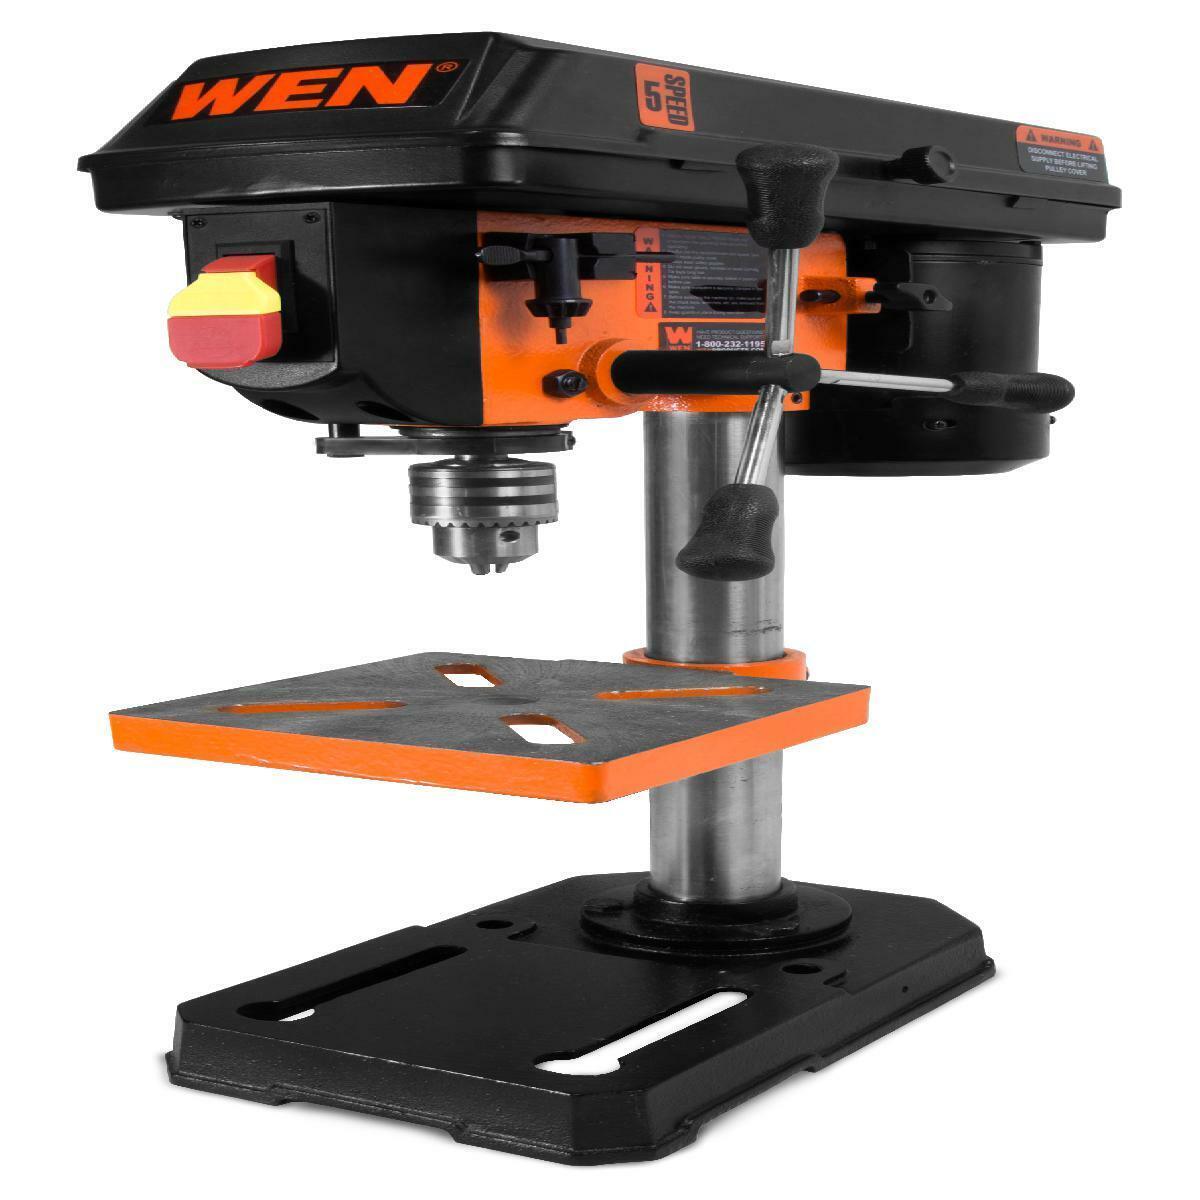 WEN 8-Inch 5-Speed Drill Press, 4208